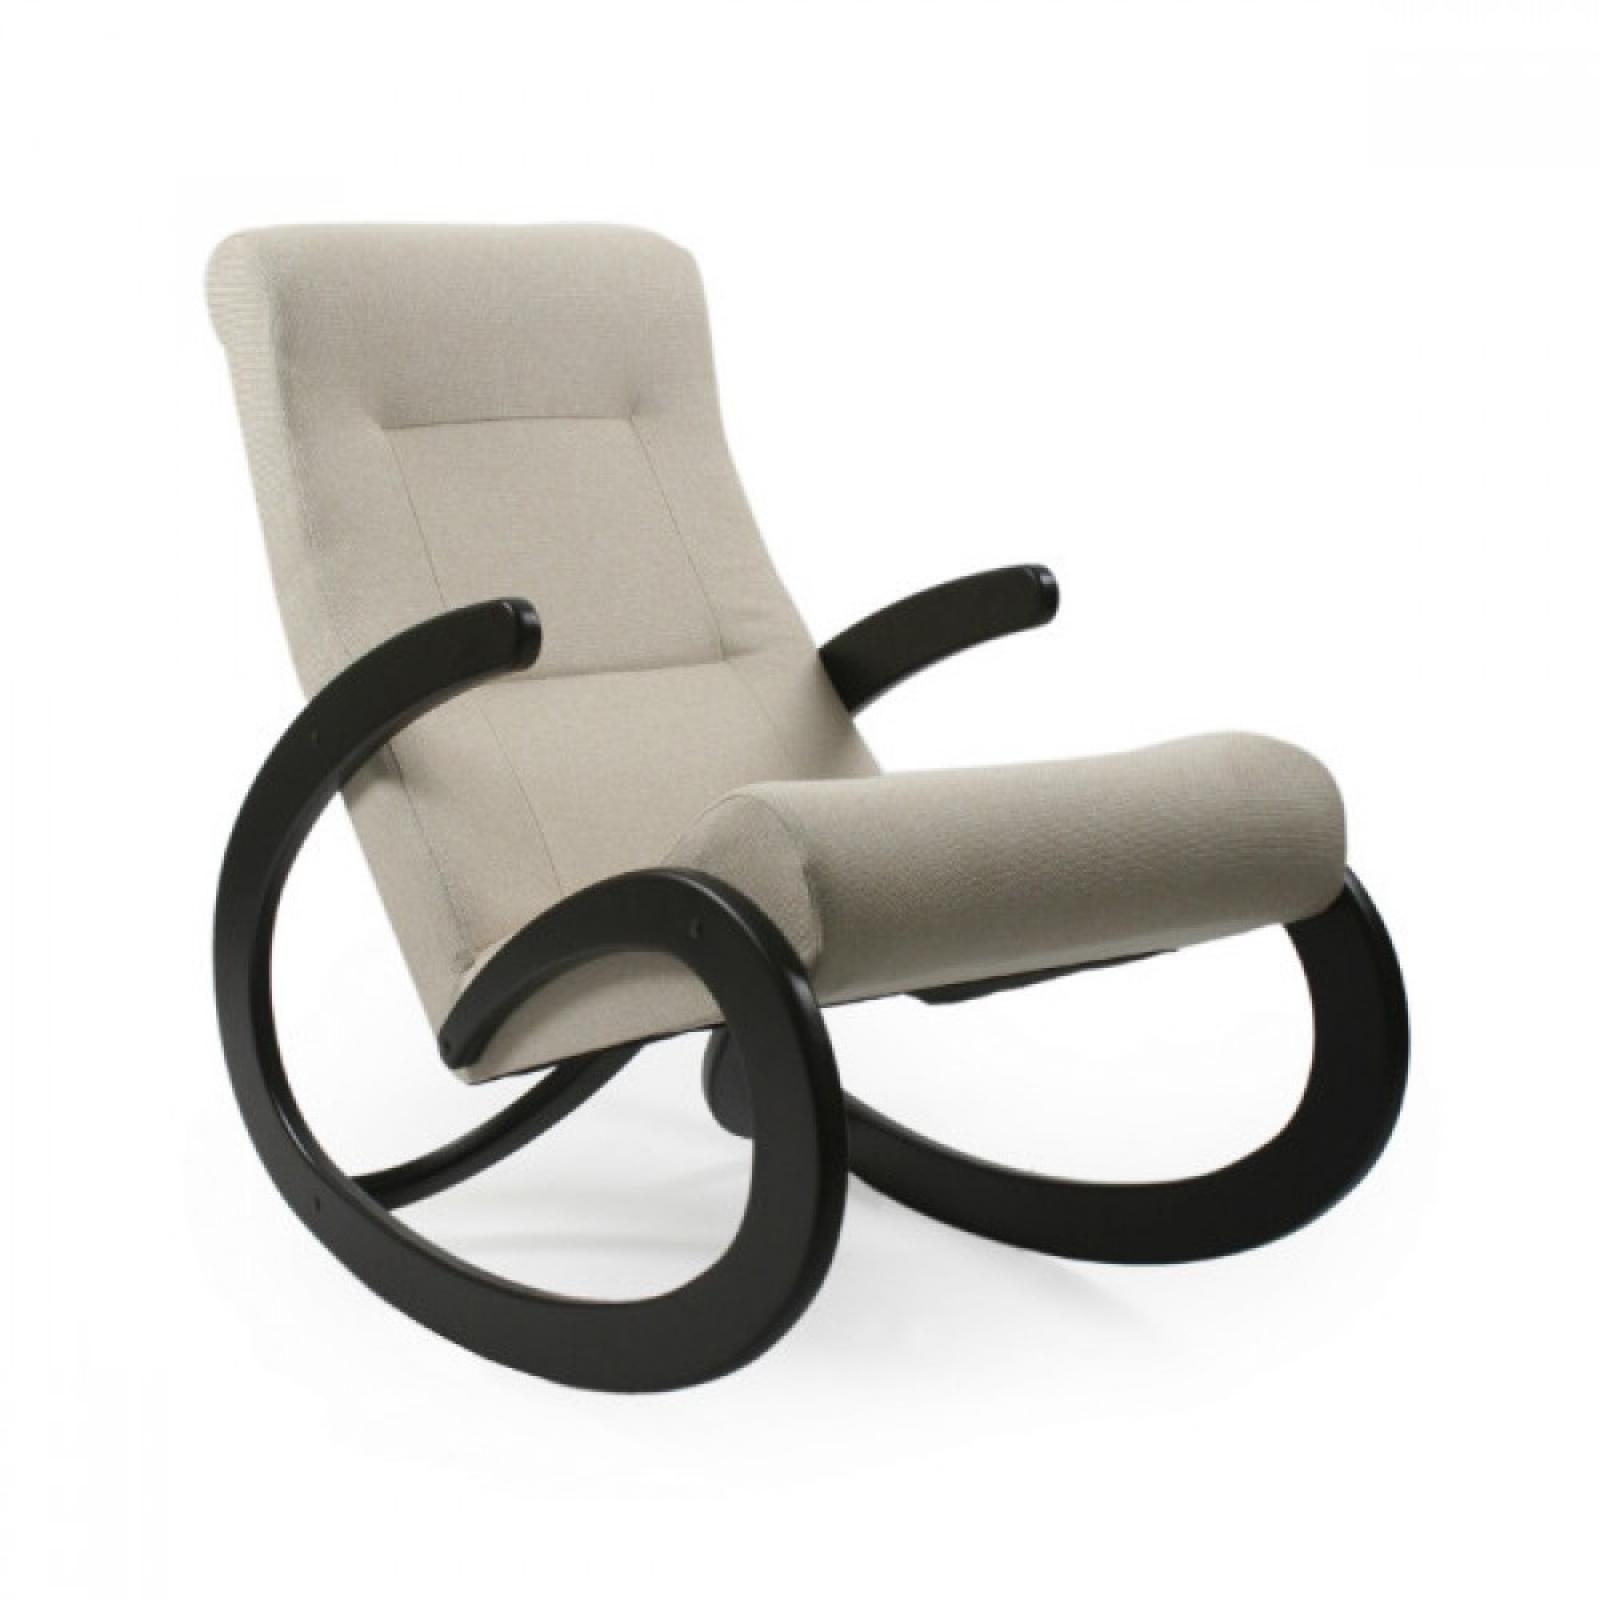 Кресло-качалка, Модель 1 Венге/Мальта 01 - 1